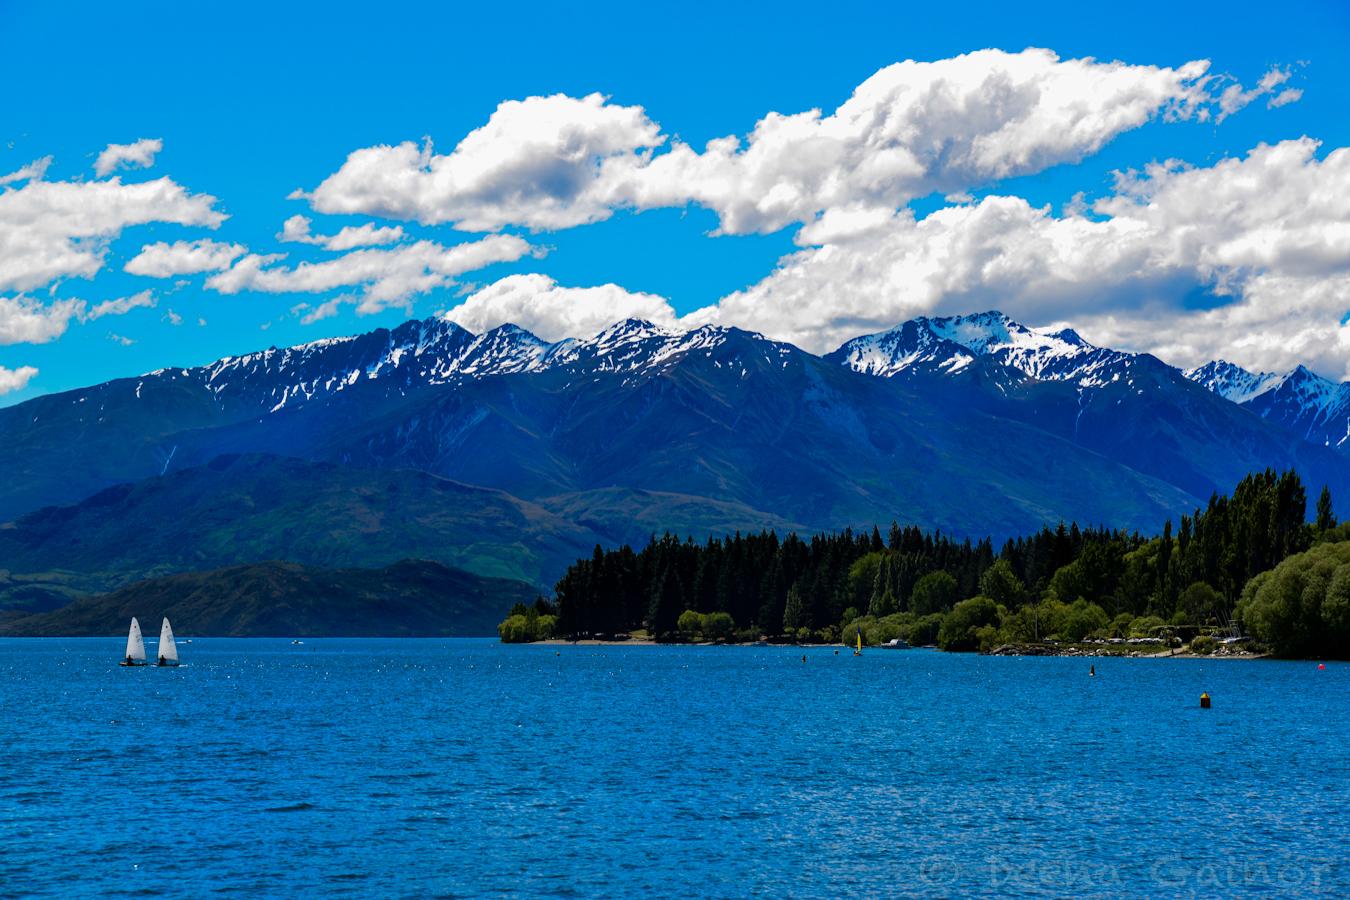 Cream Dining Room Day 197 Lake Wanaka New Zealand Six Hearts One Journey